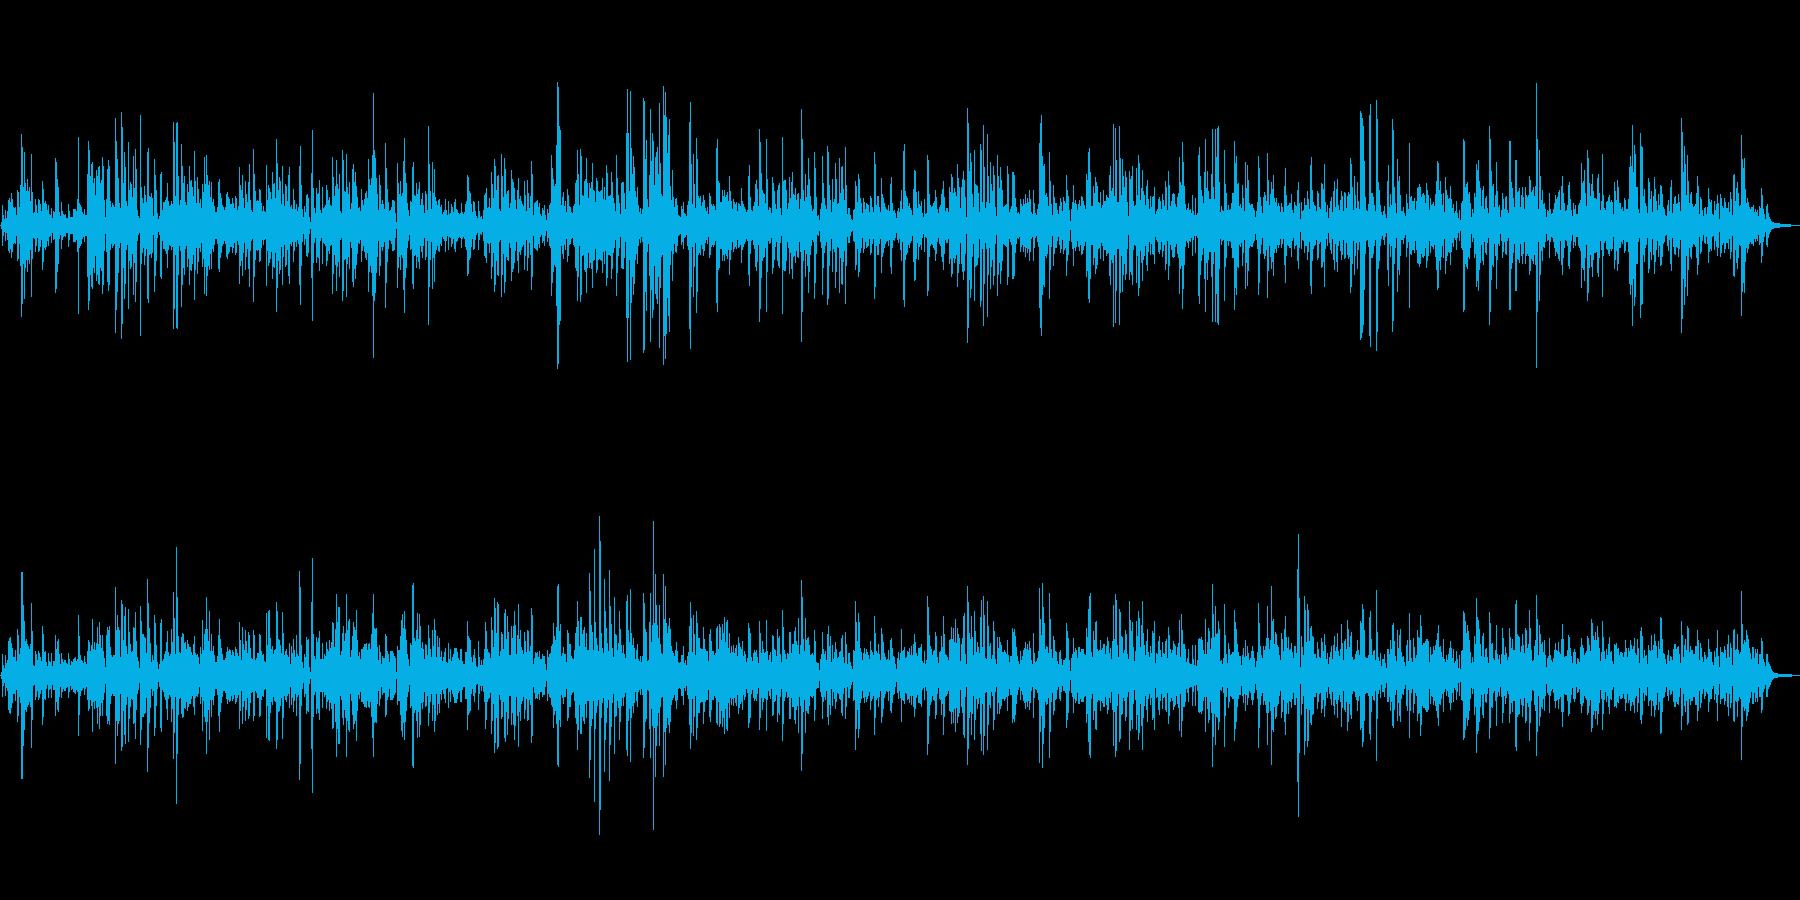 カフェで流れるオシャレなピアノジャズの再生済みの波形